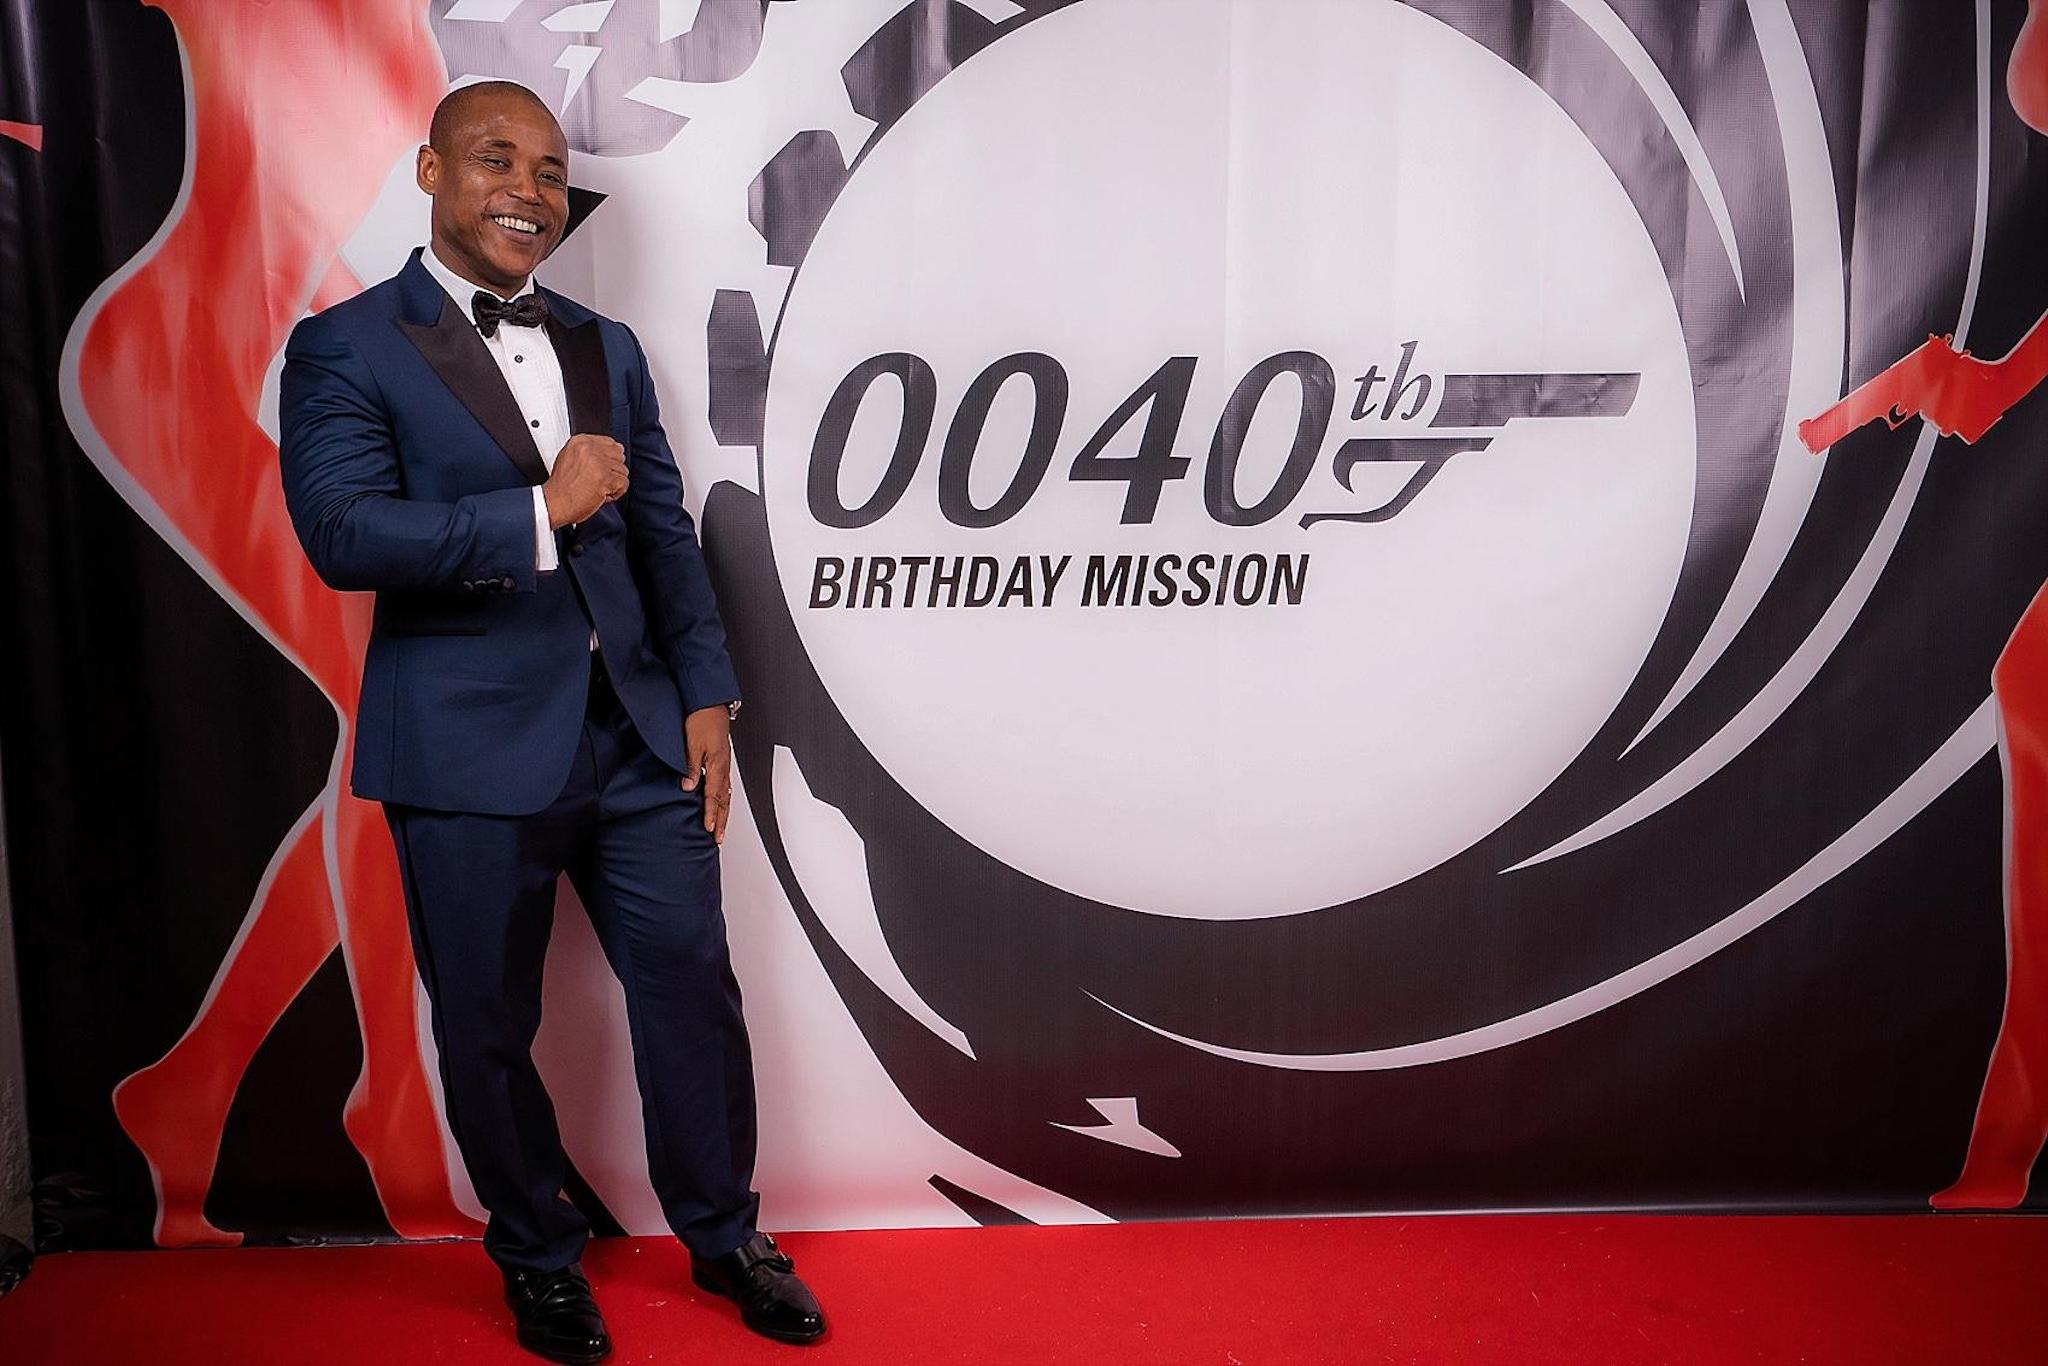 best milestone birthdays - 007 BASH